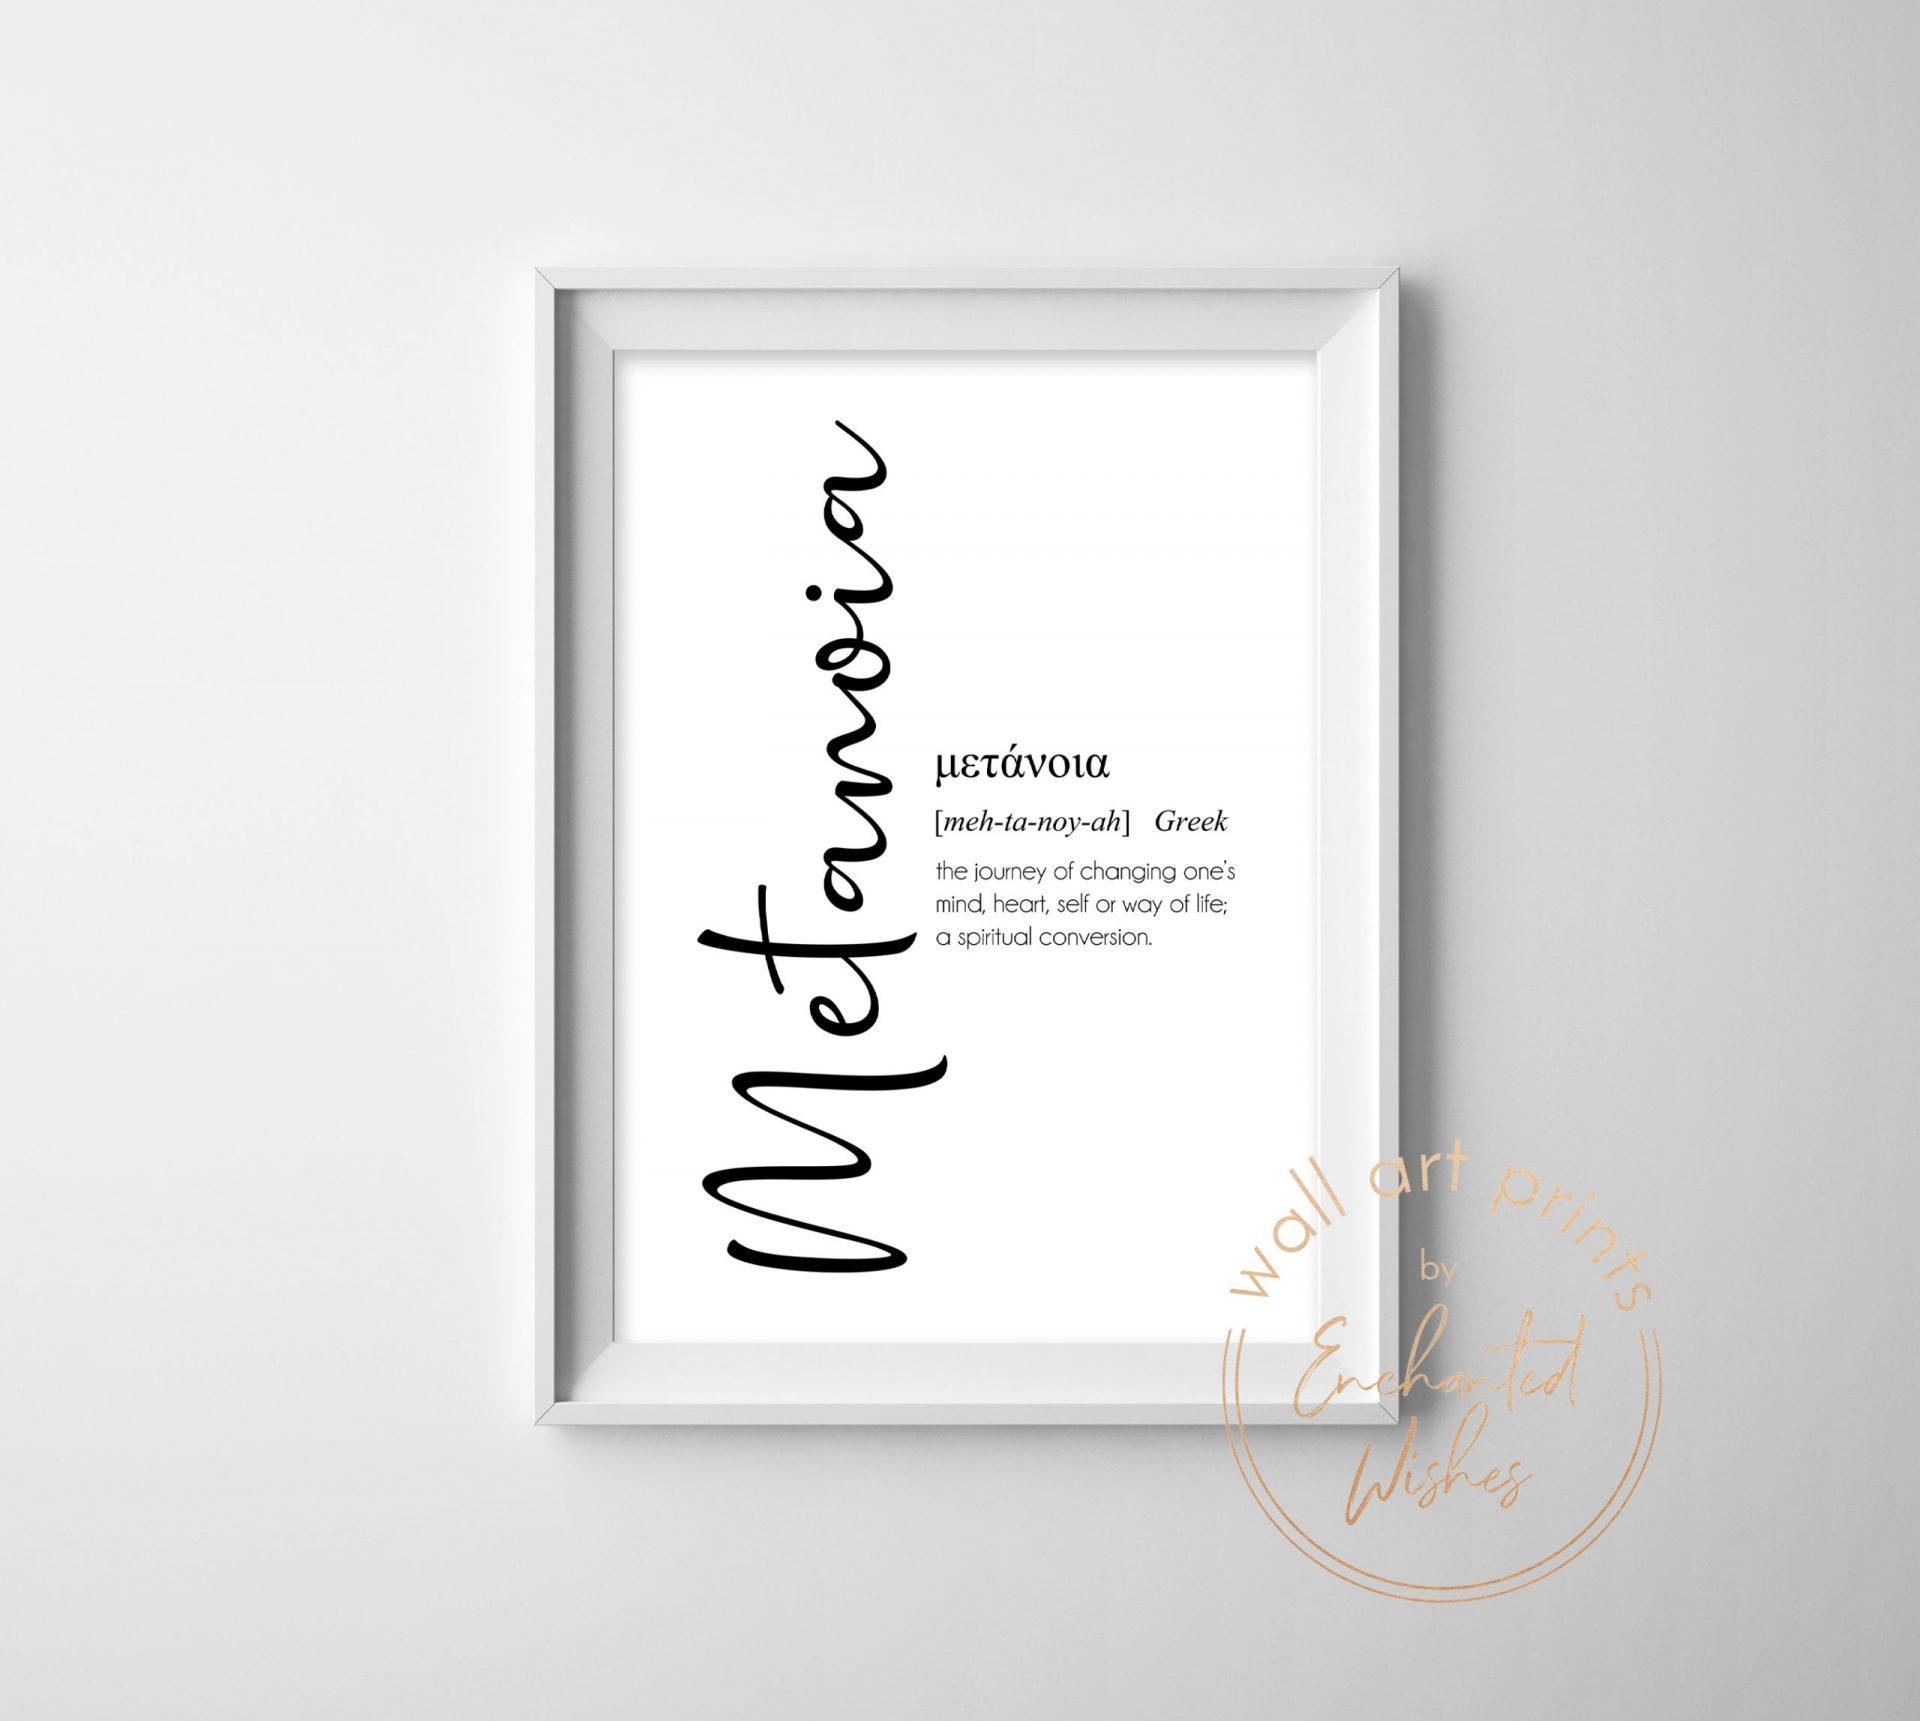 Metanoia definition print